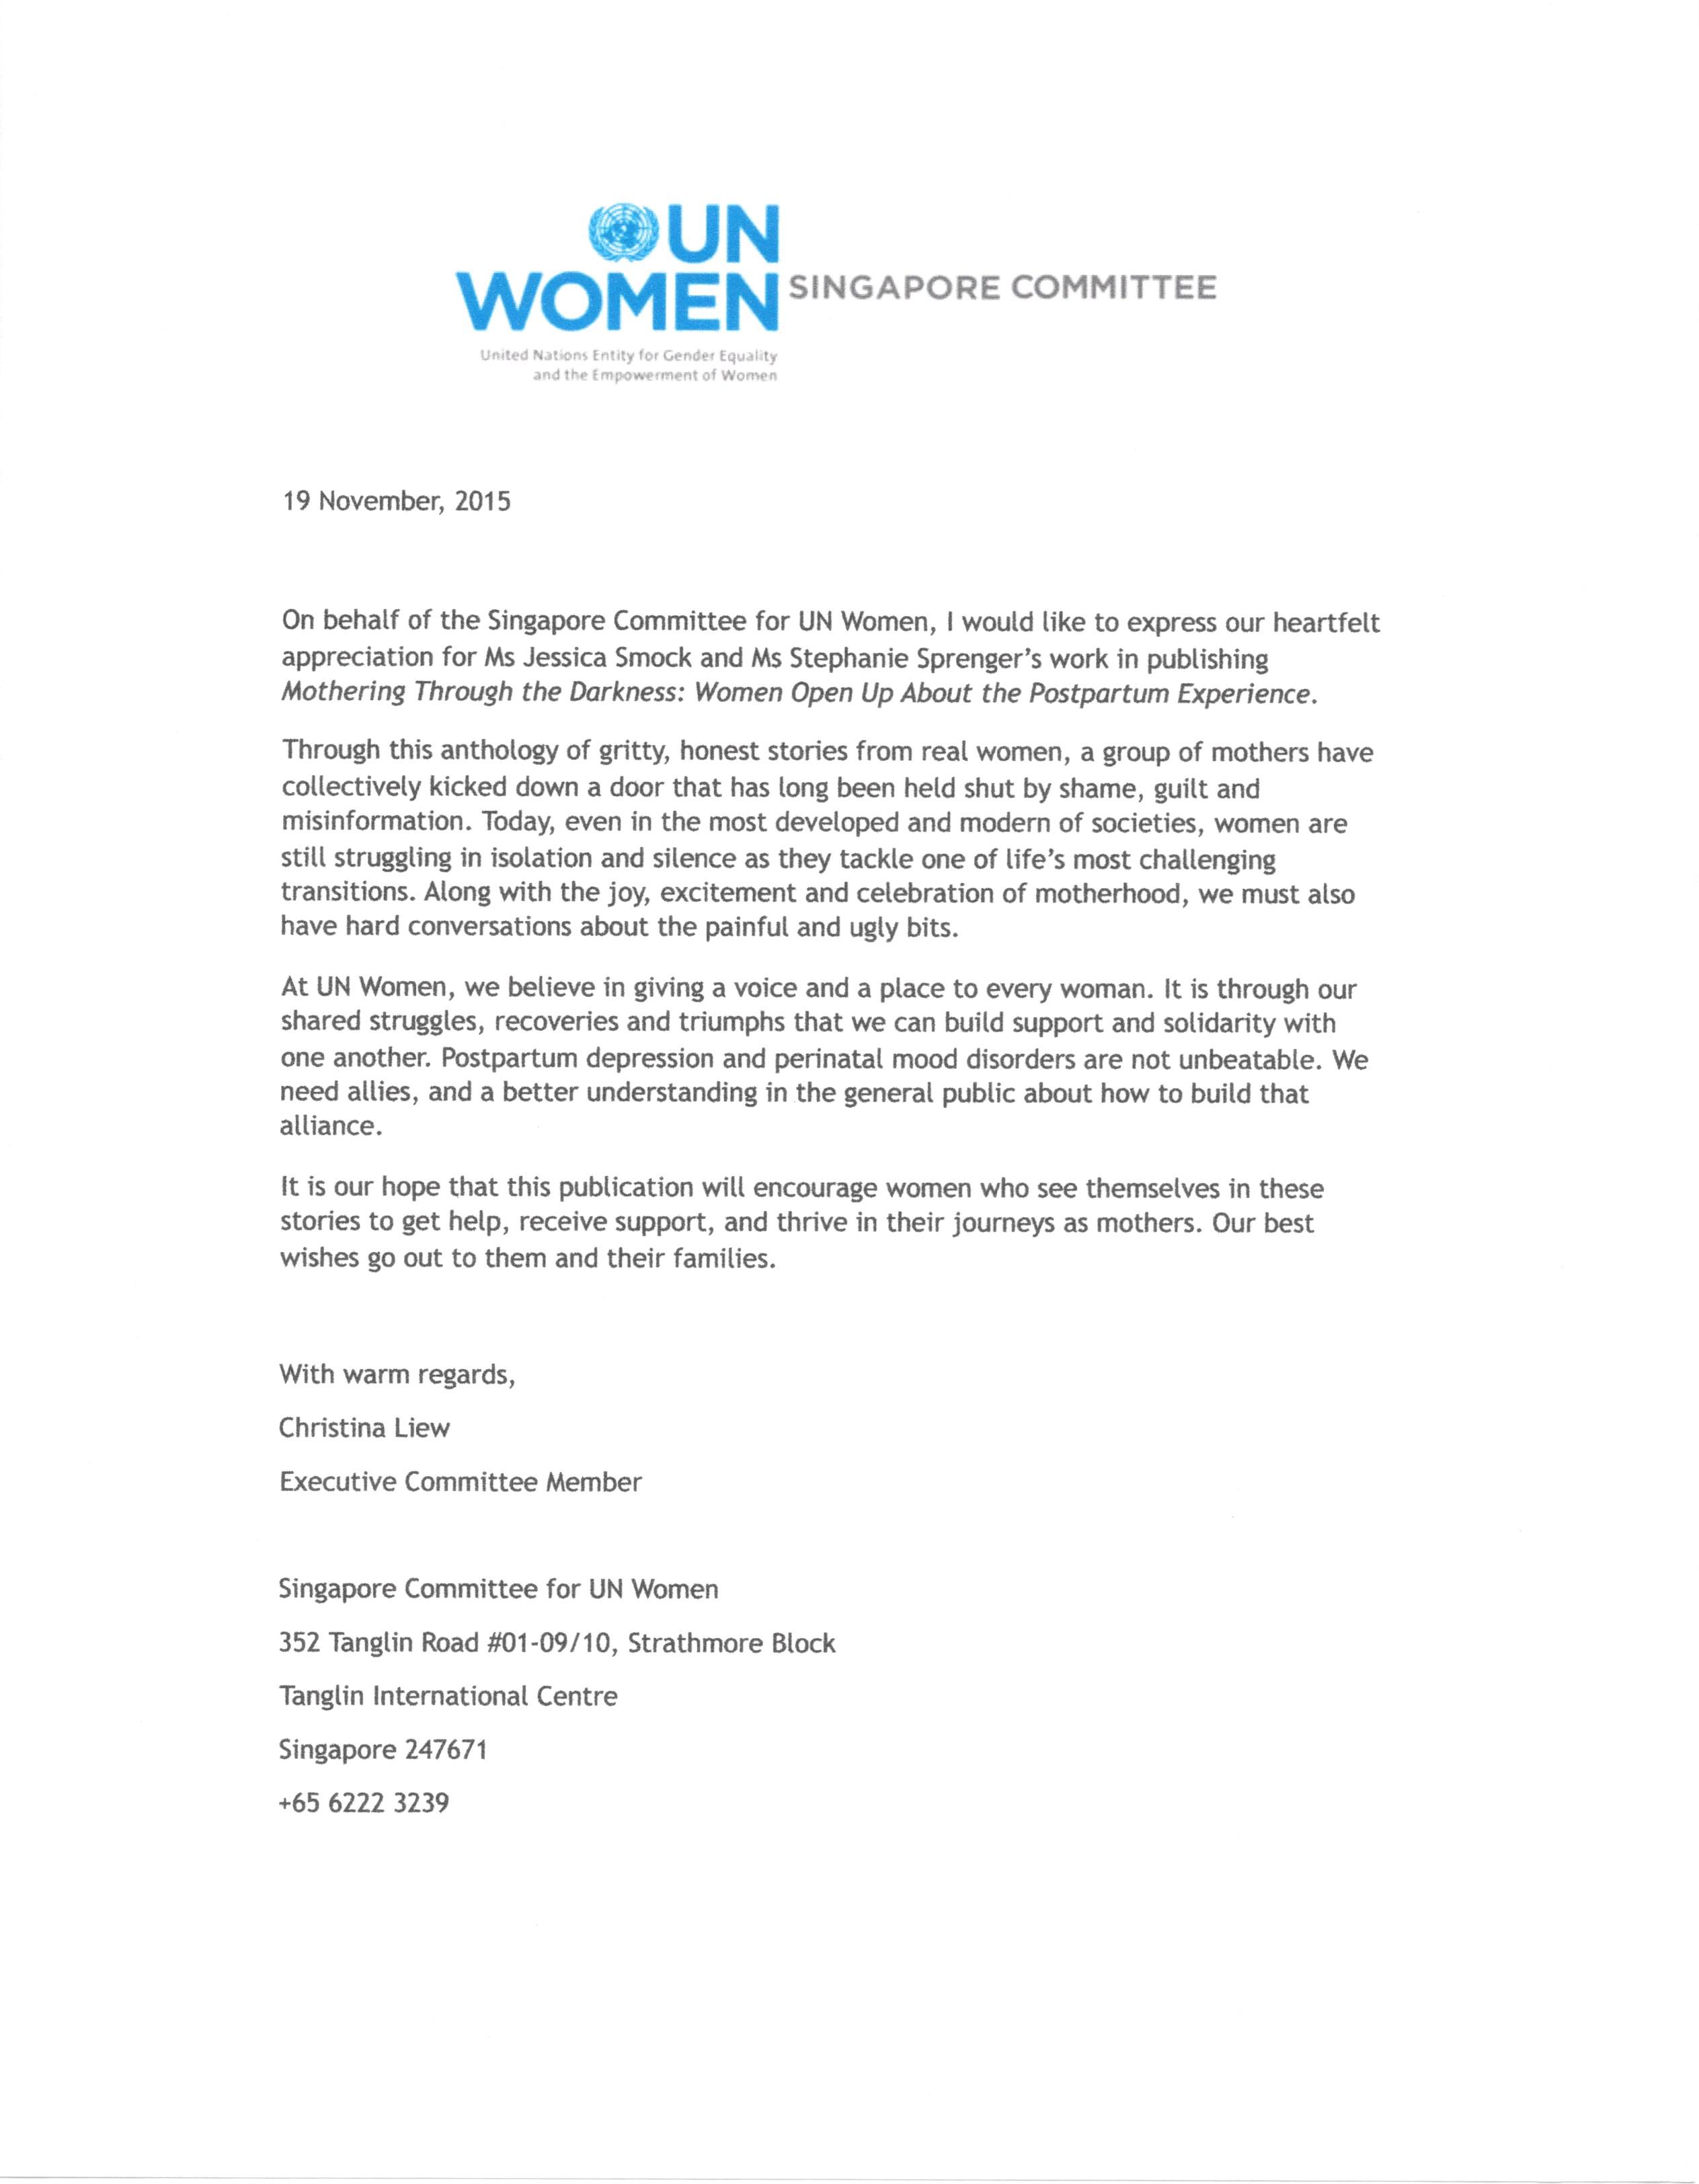 UNWomen2